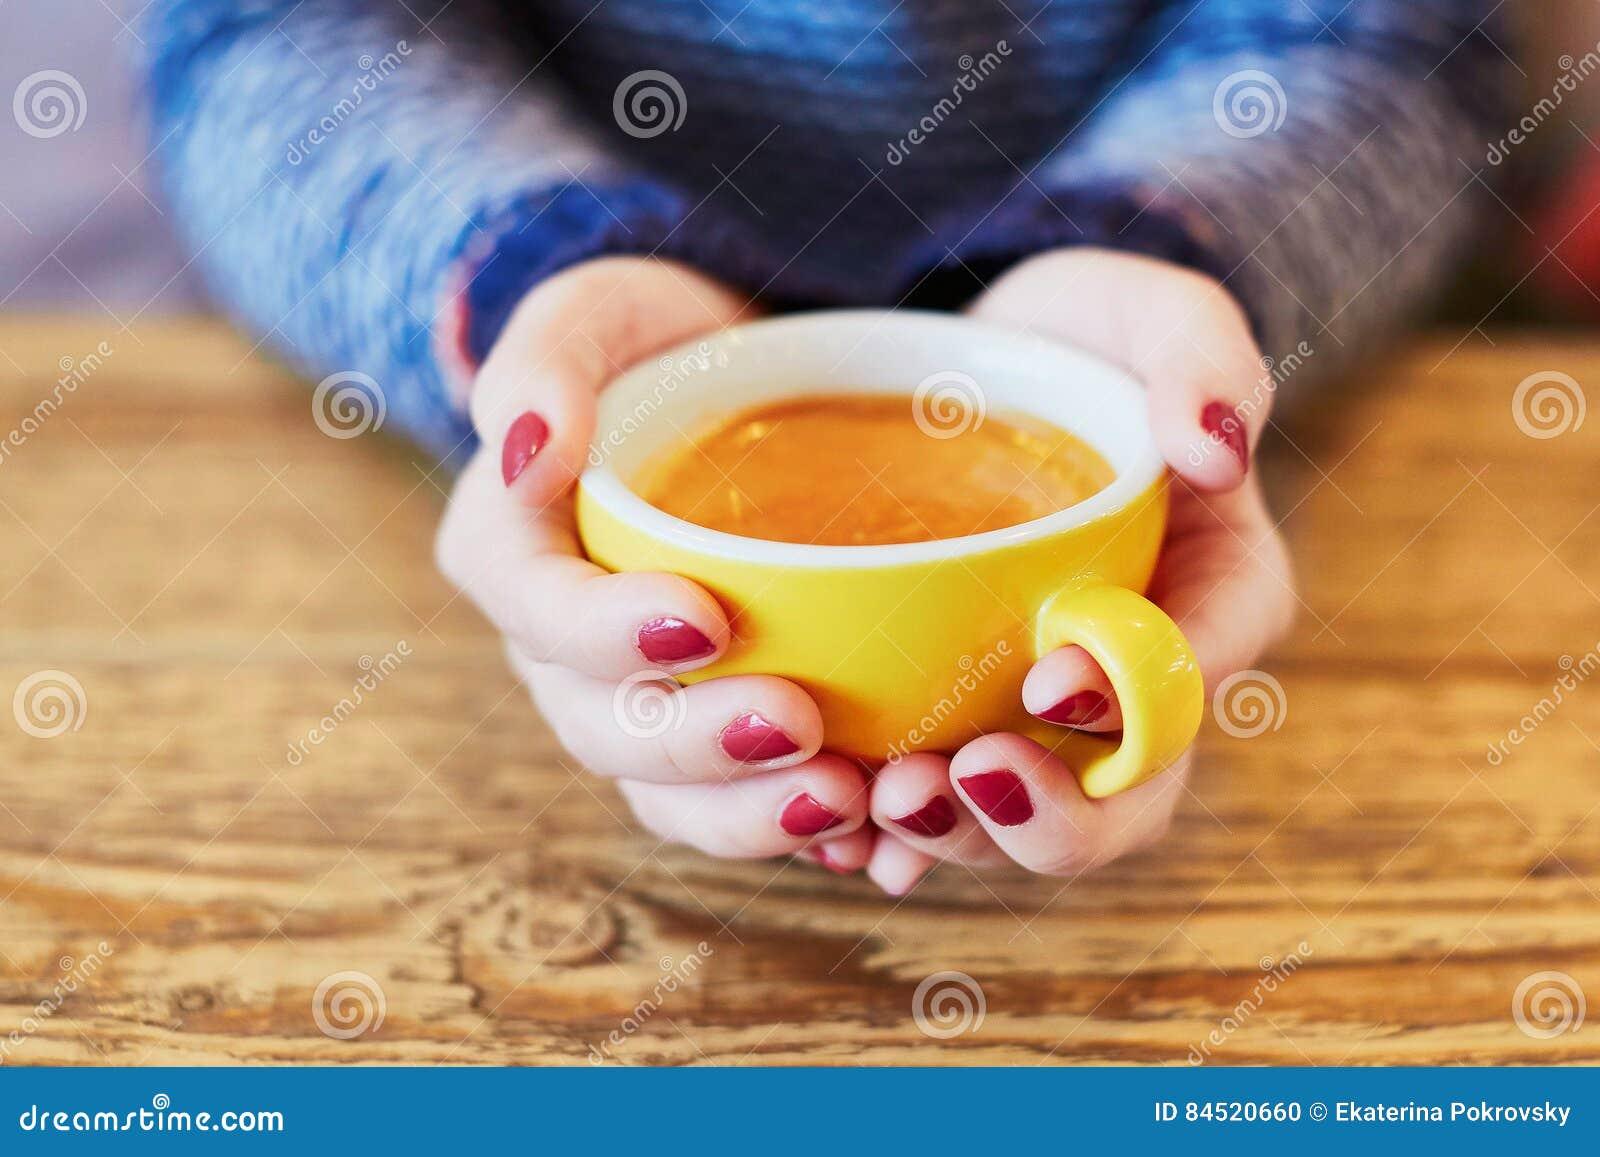 Manos de la mujer con la manicura y la taza rojas de café caliente fresco en la tabla de madera